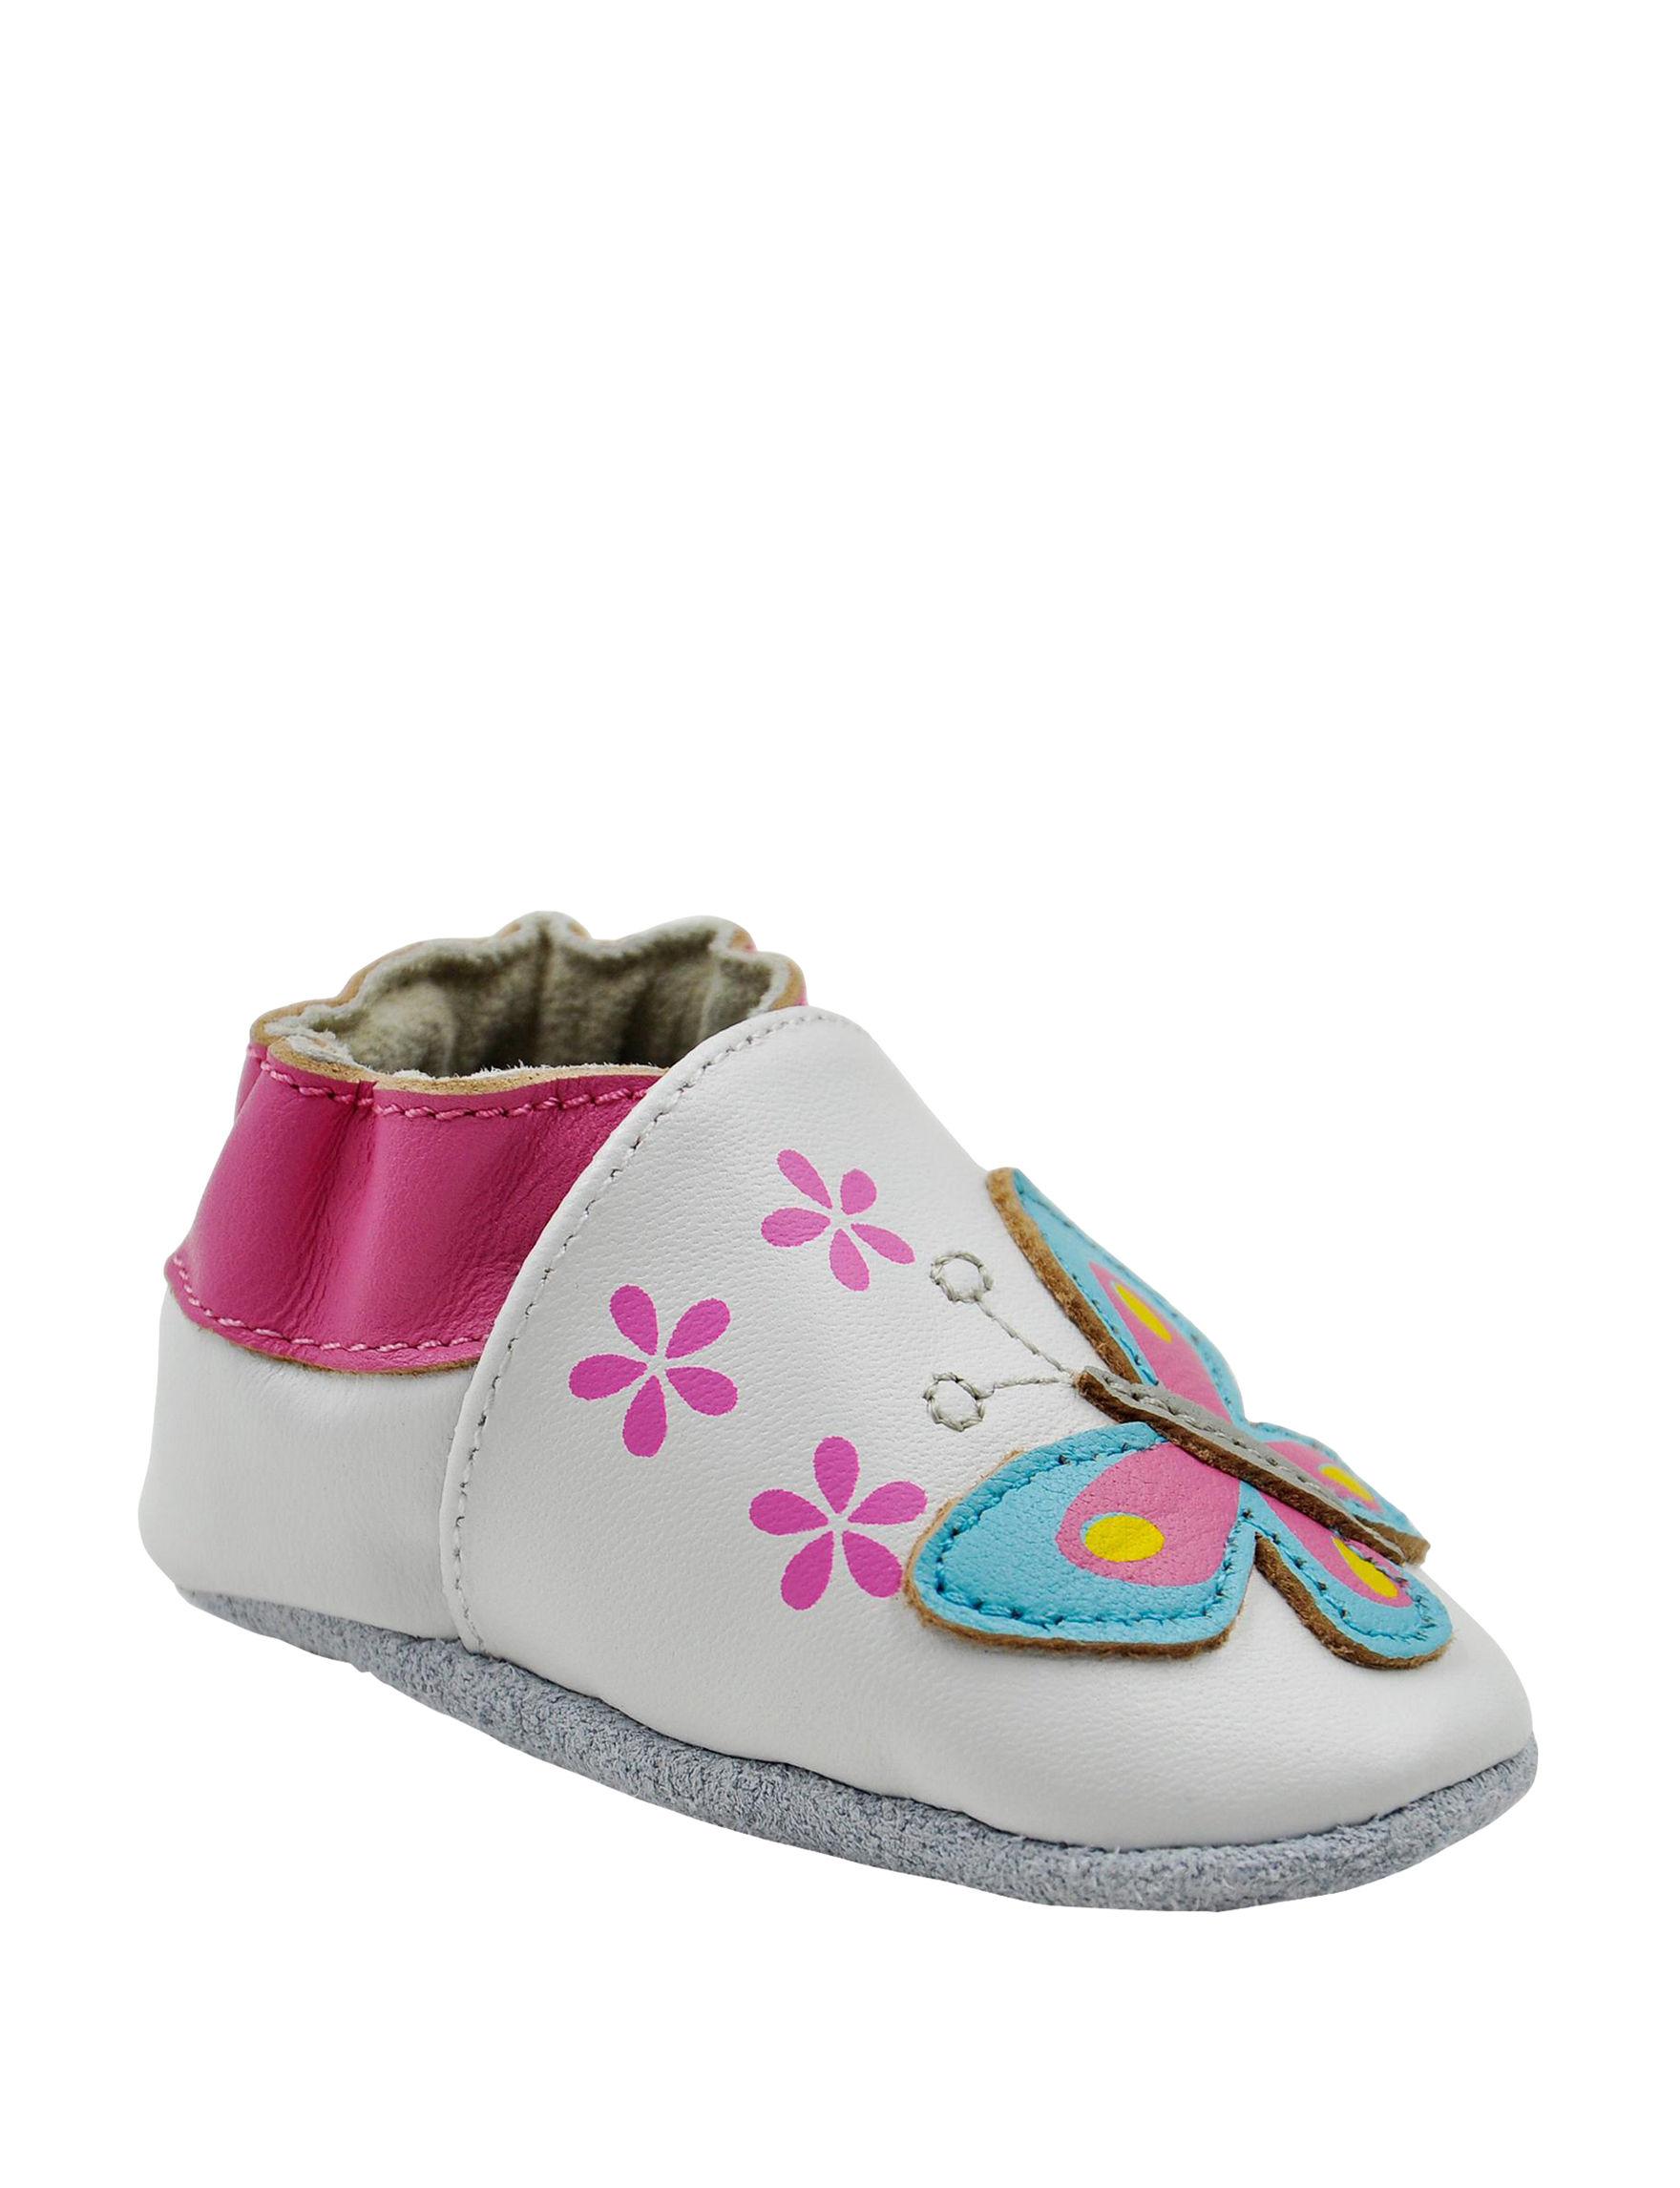 Kimi Kai Baby Shoes